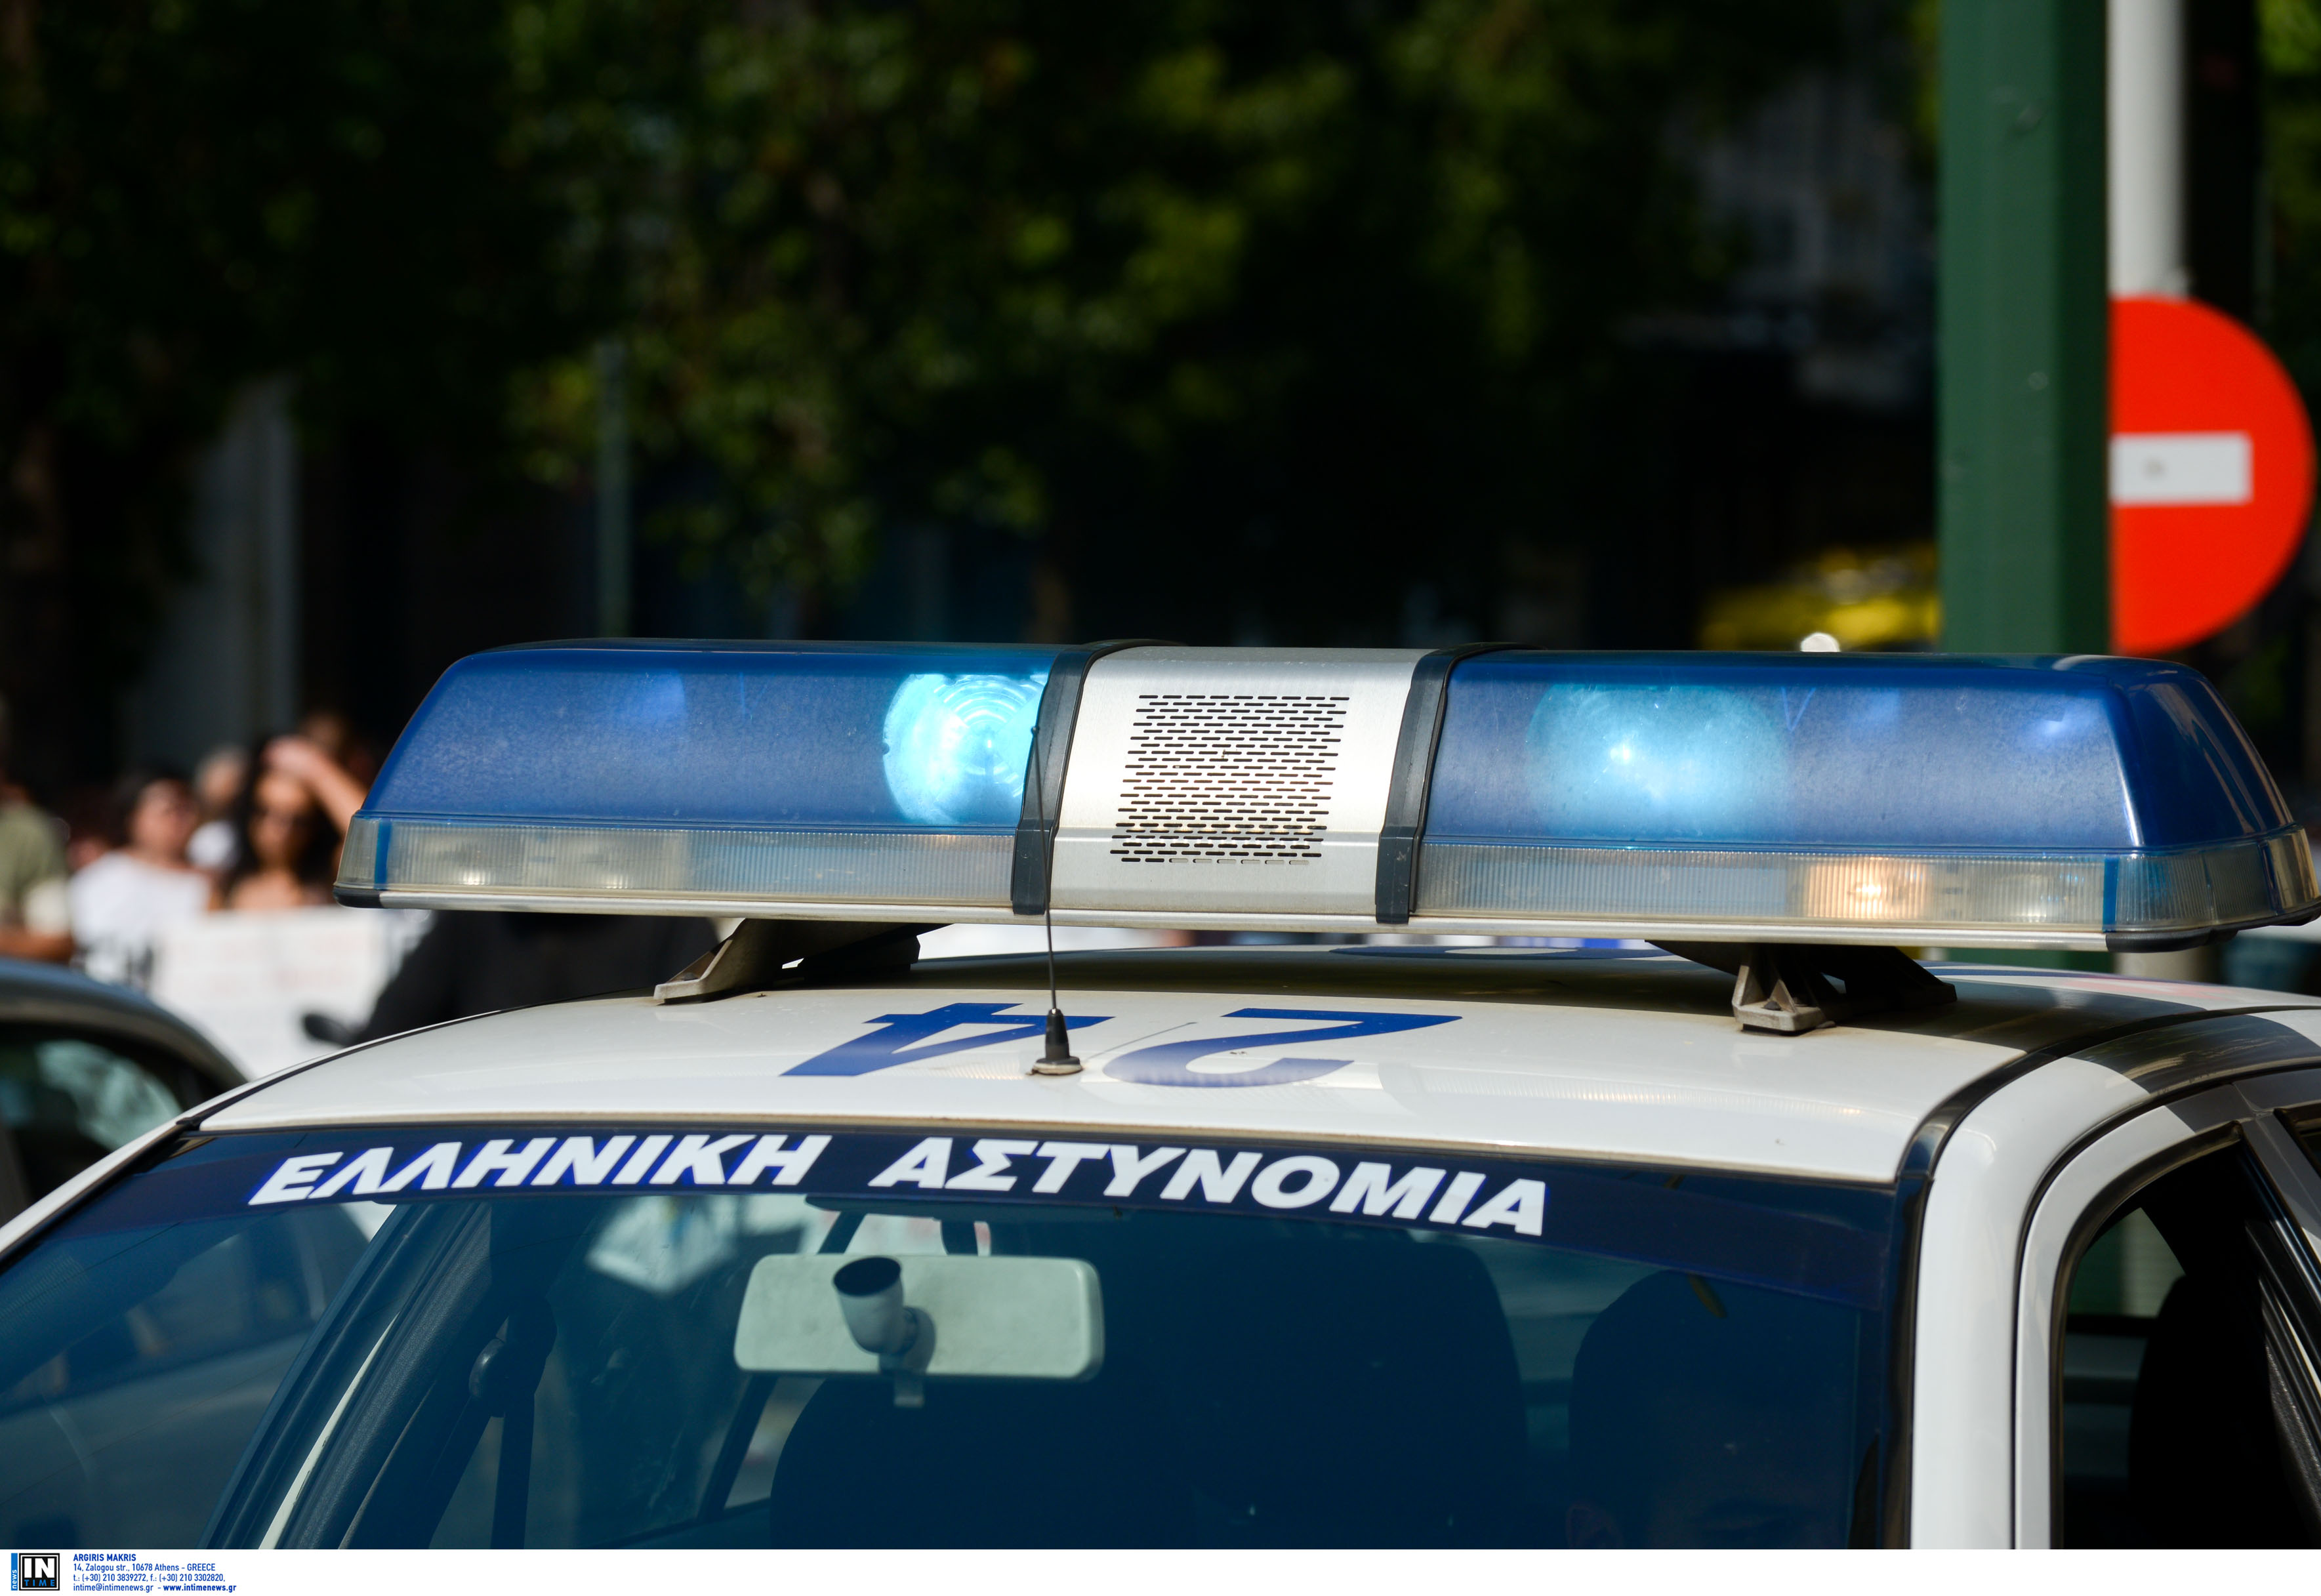 Μεσσηνία: Μετέτρεψαν αστυνομικό τμήμα σε ψυχιατρική κλινική – Νέα ιστορία γραφειοκρατικής τρέλας!